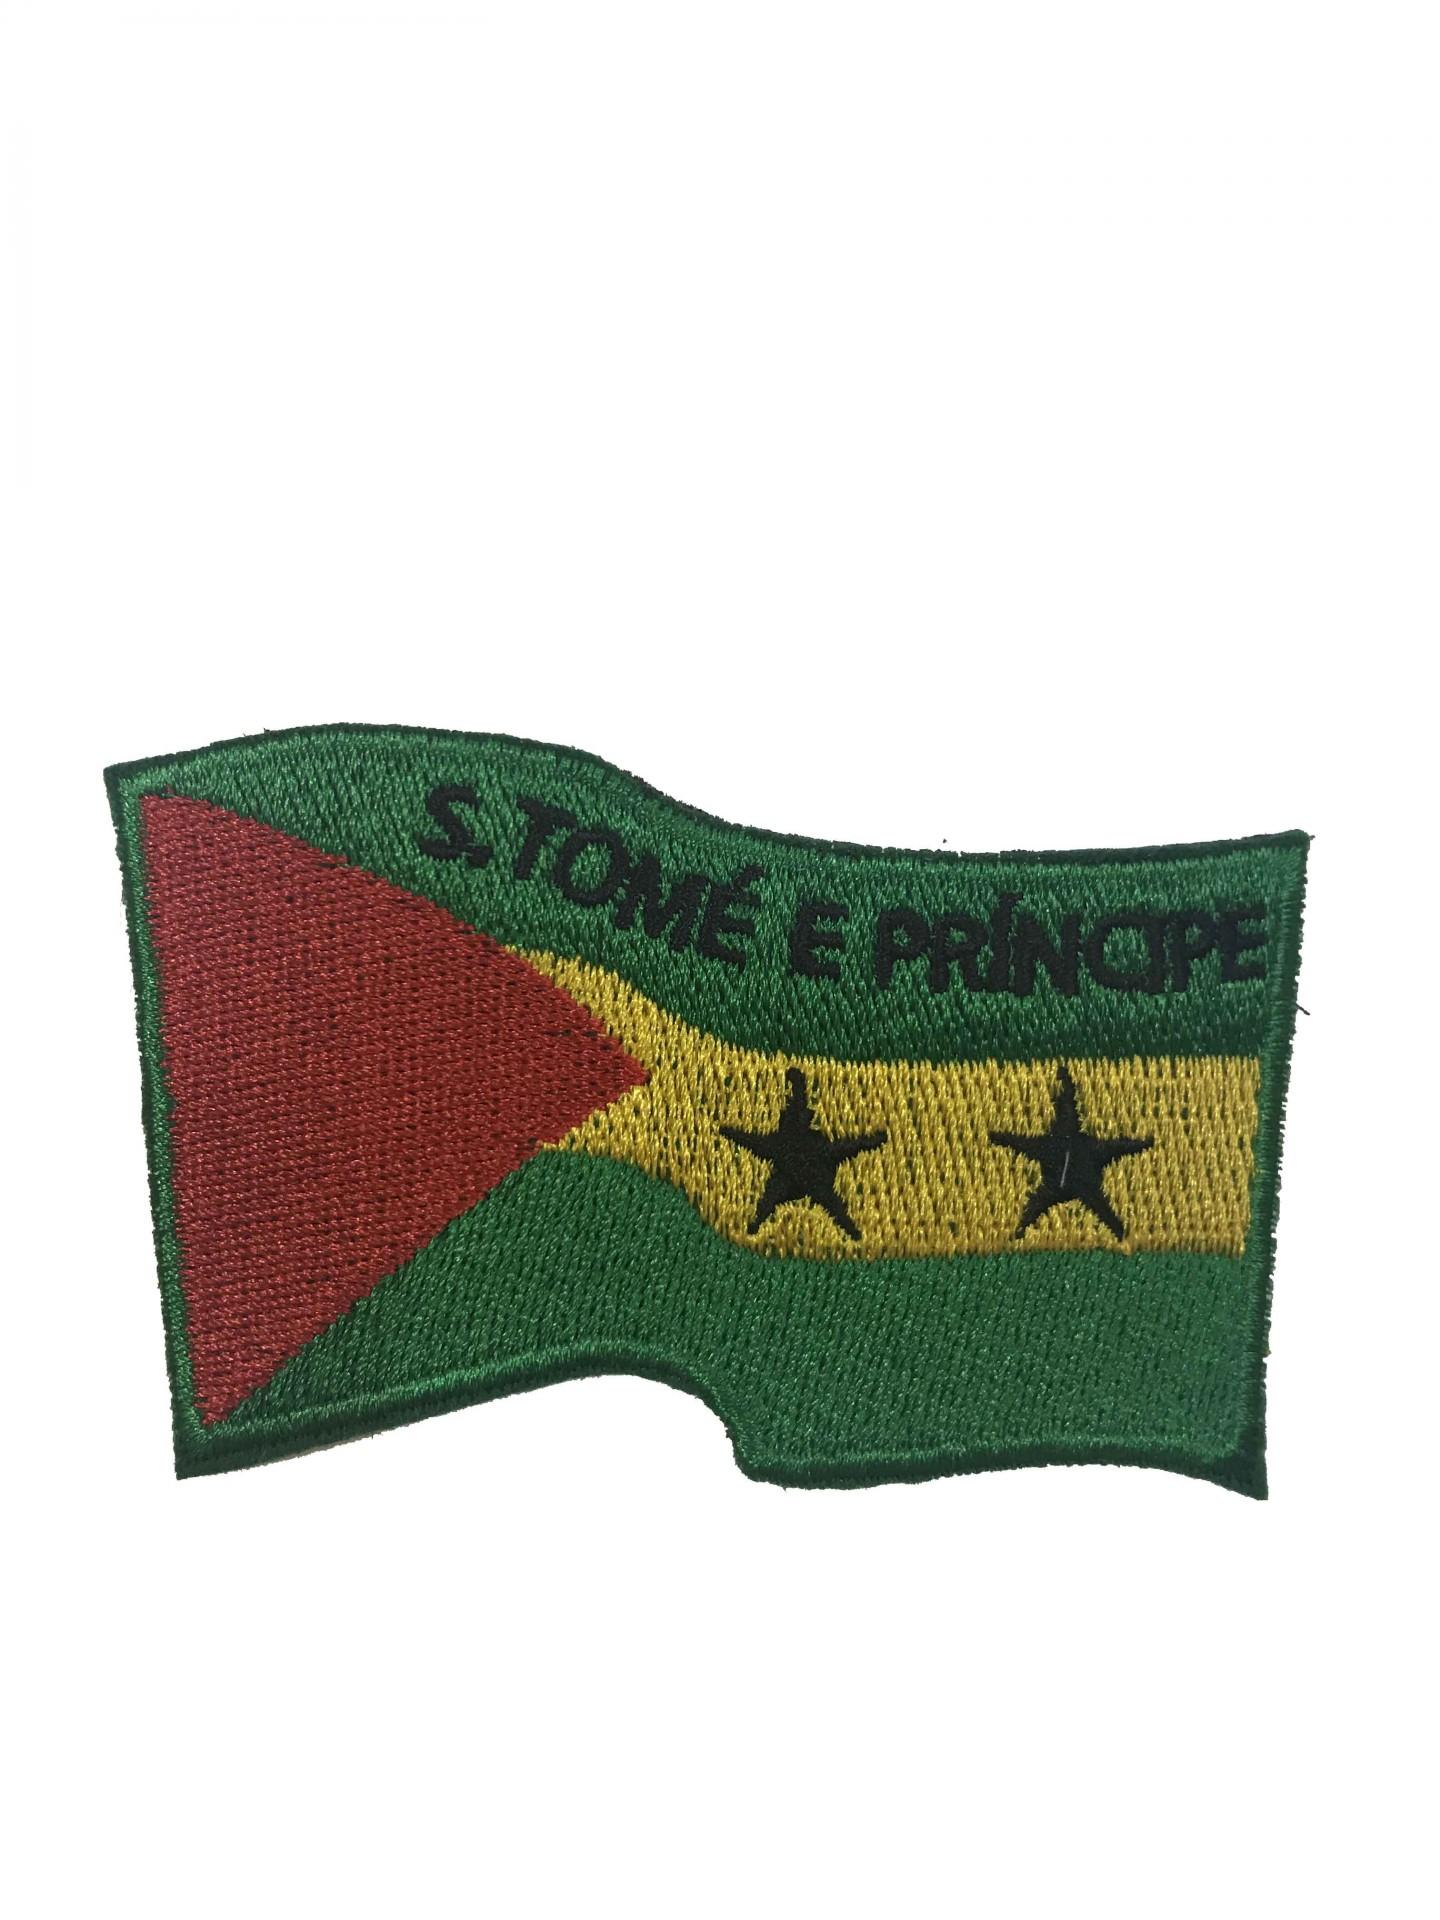 Emblema São Tomé e Príncipe